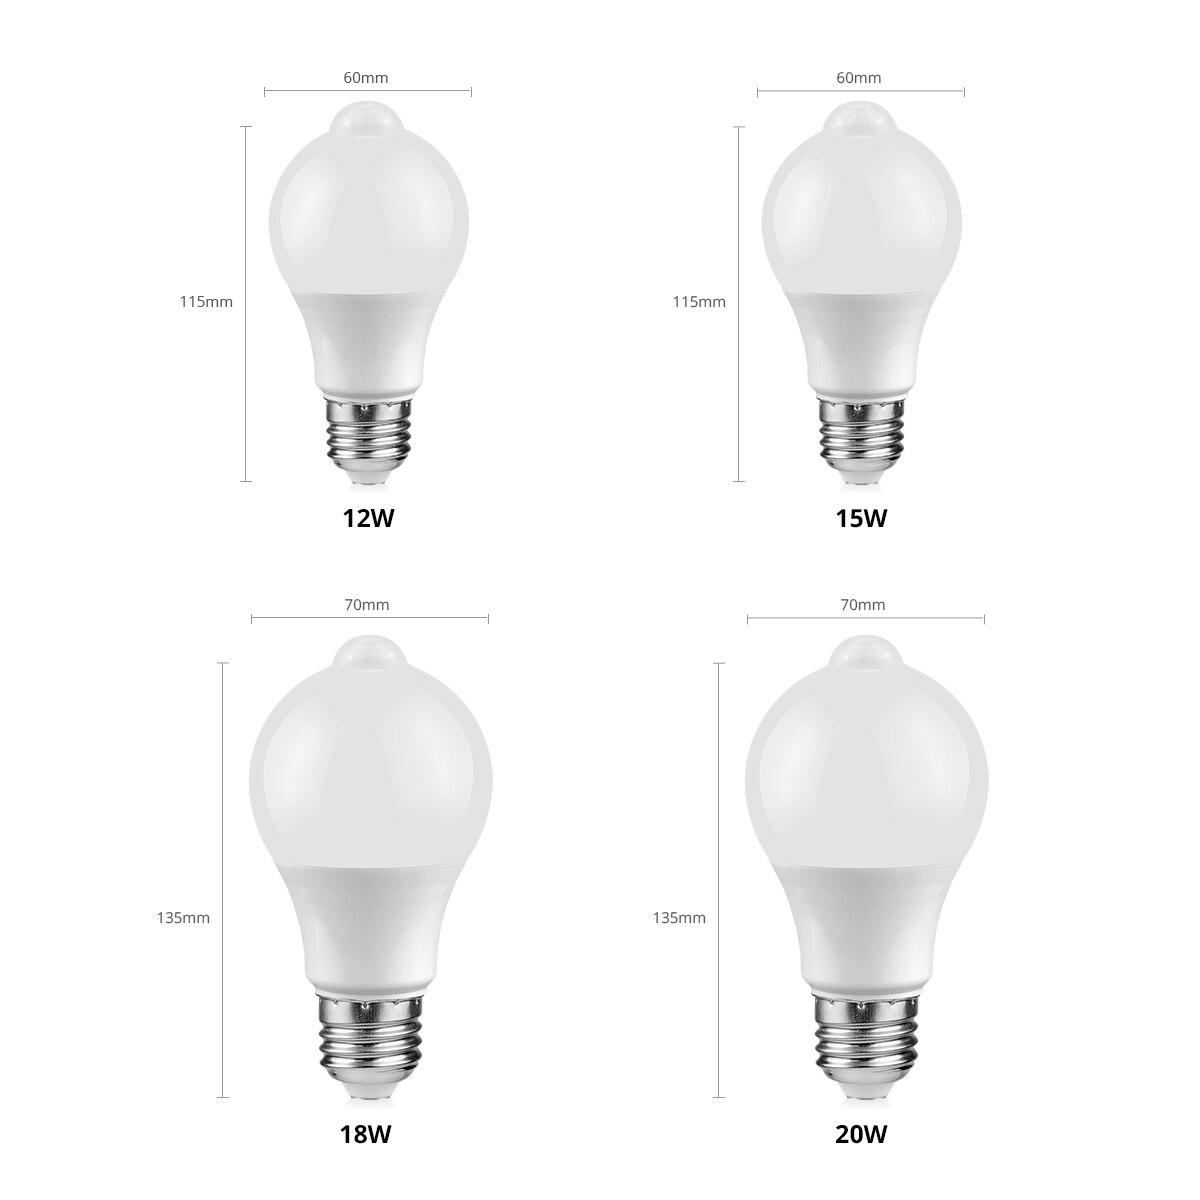 12W 15W 18W 20W LED Motion Sensor Bulb LED lamp PIR Sensor Light Auto ON/OFF Night Light  For Home Parking Lighting AC85-265V enlarge